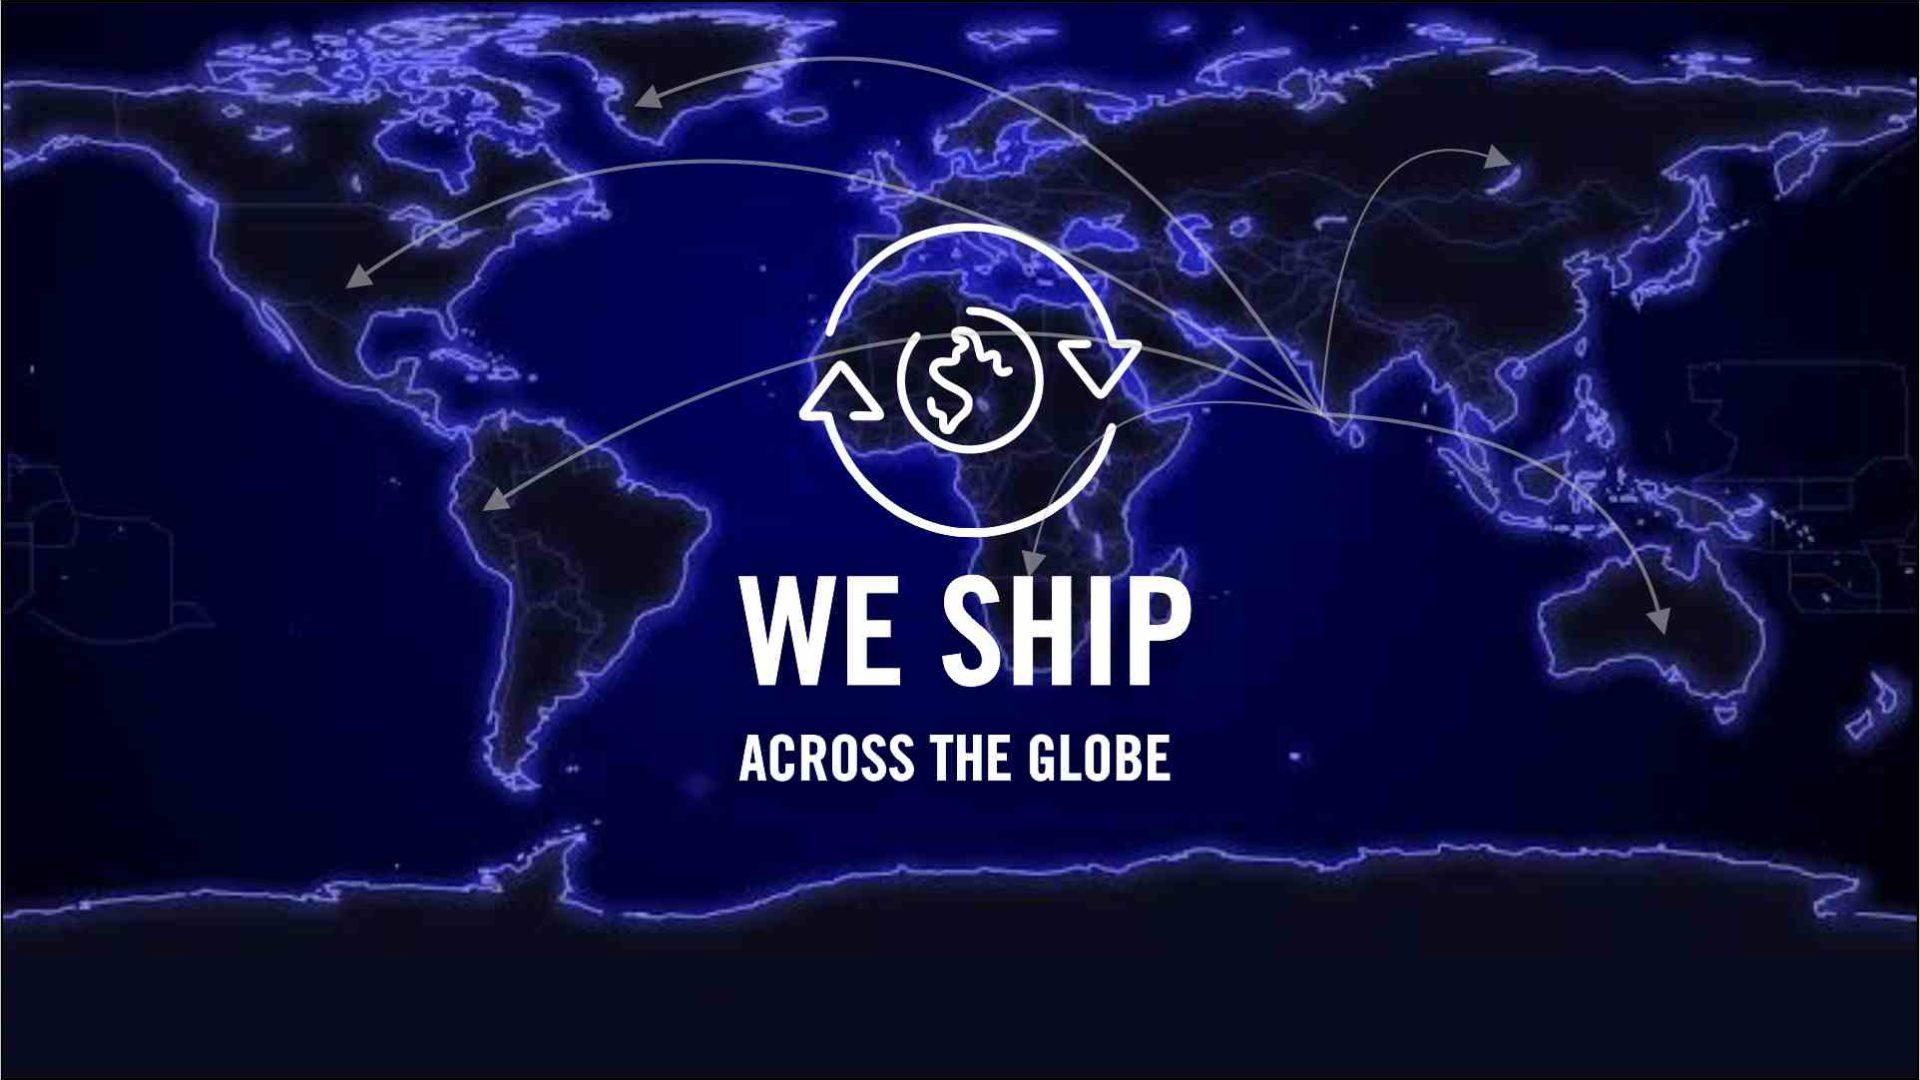 WE SHIP ACROSS